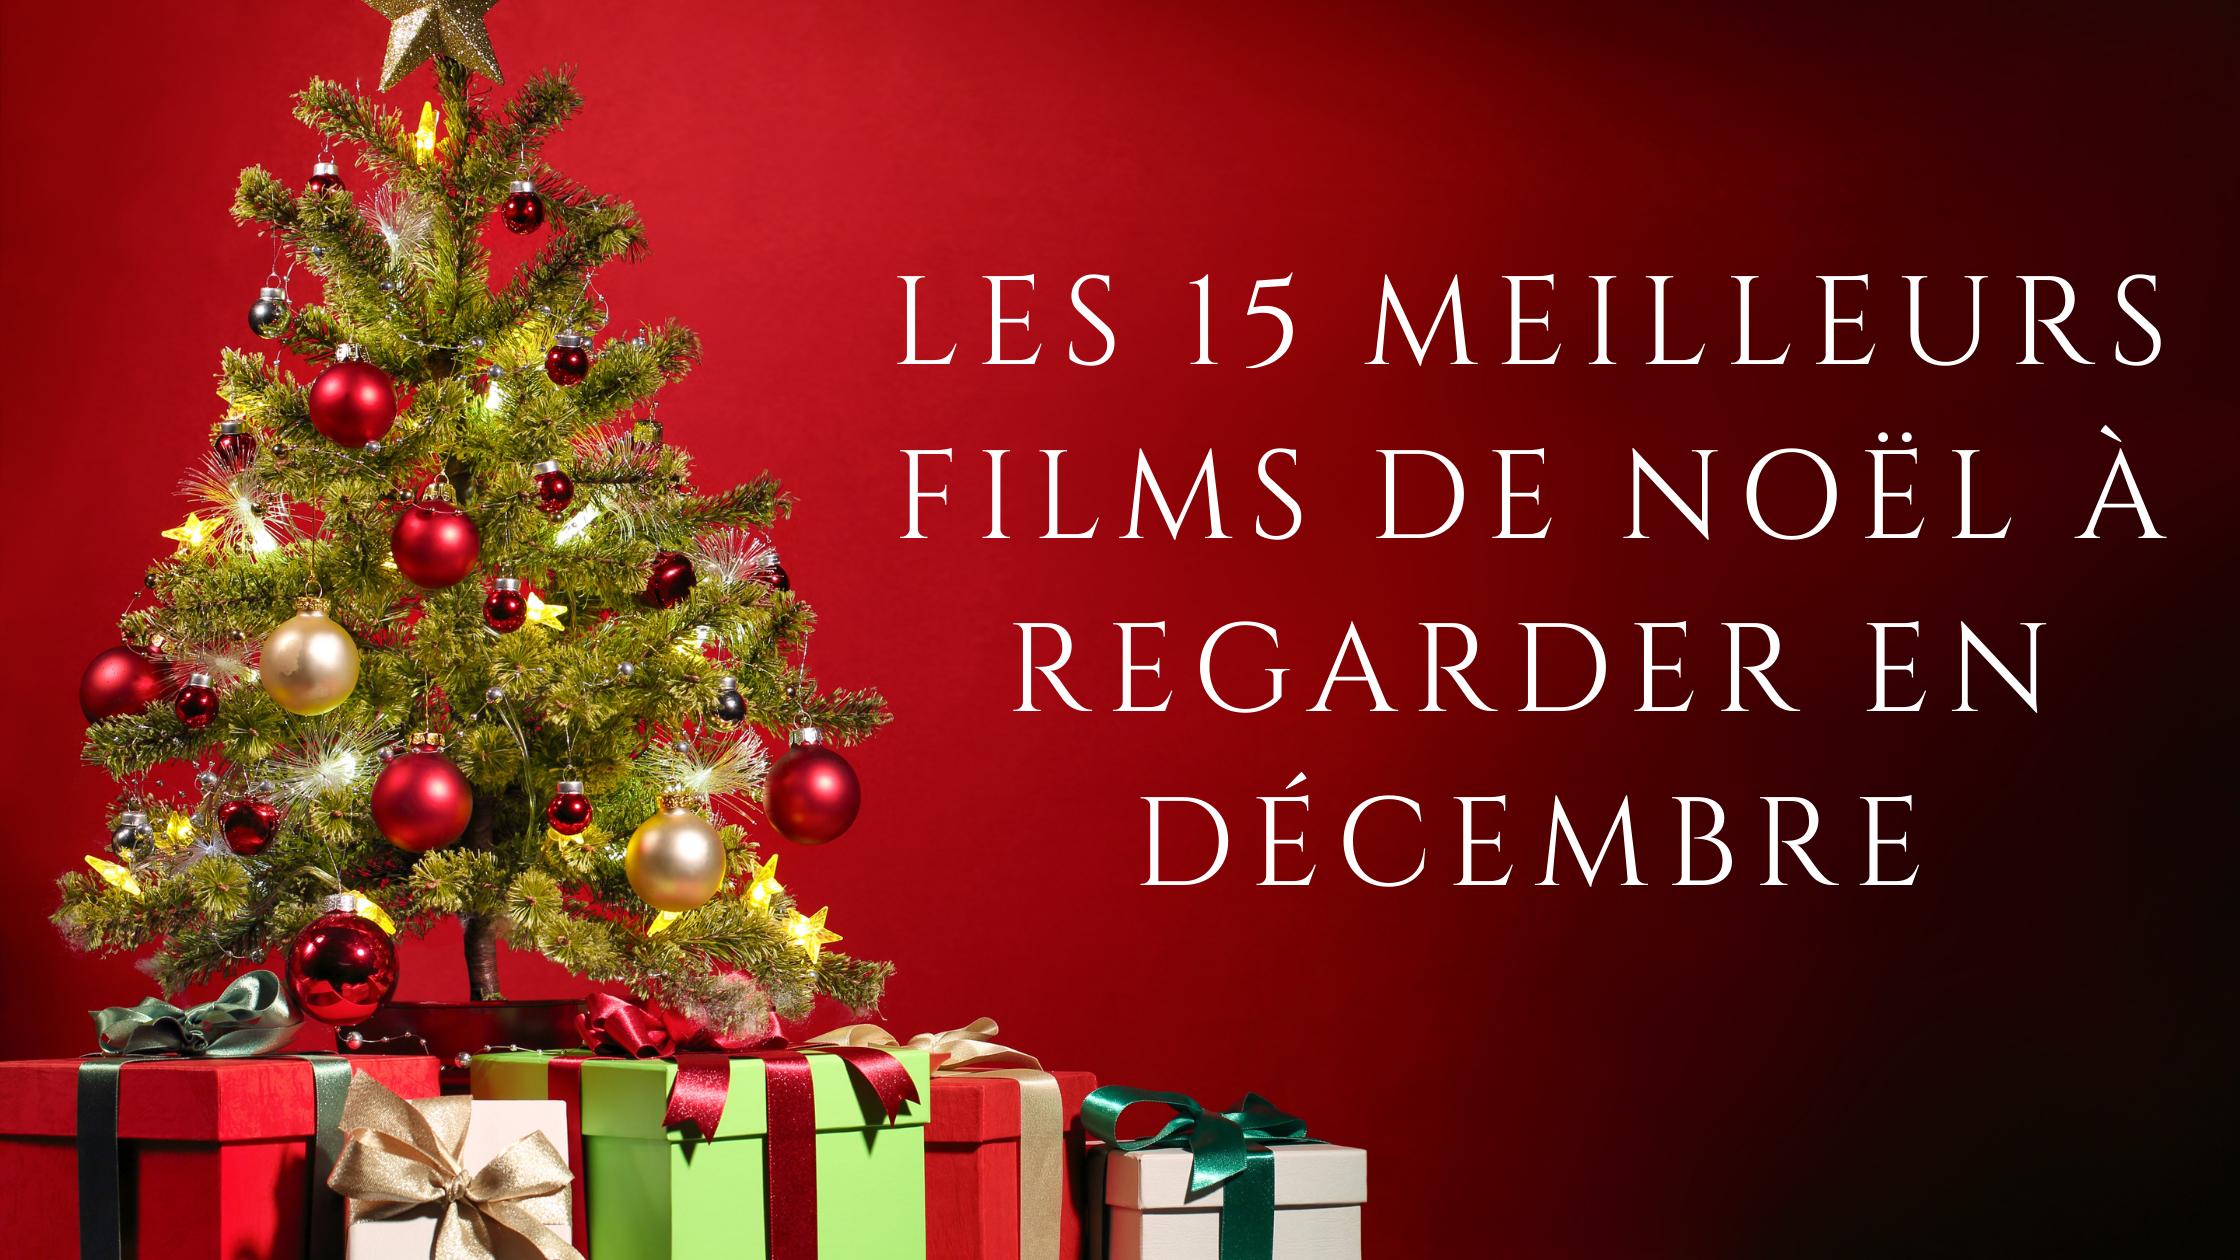 Les 15 meilleurs films de Noël à regarder en décembre